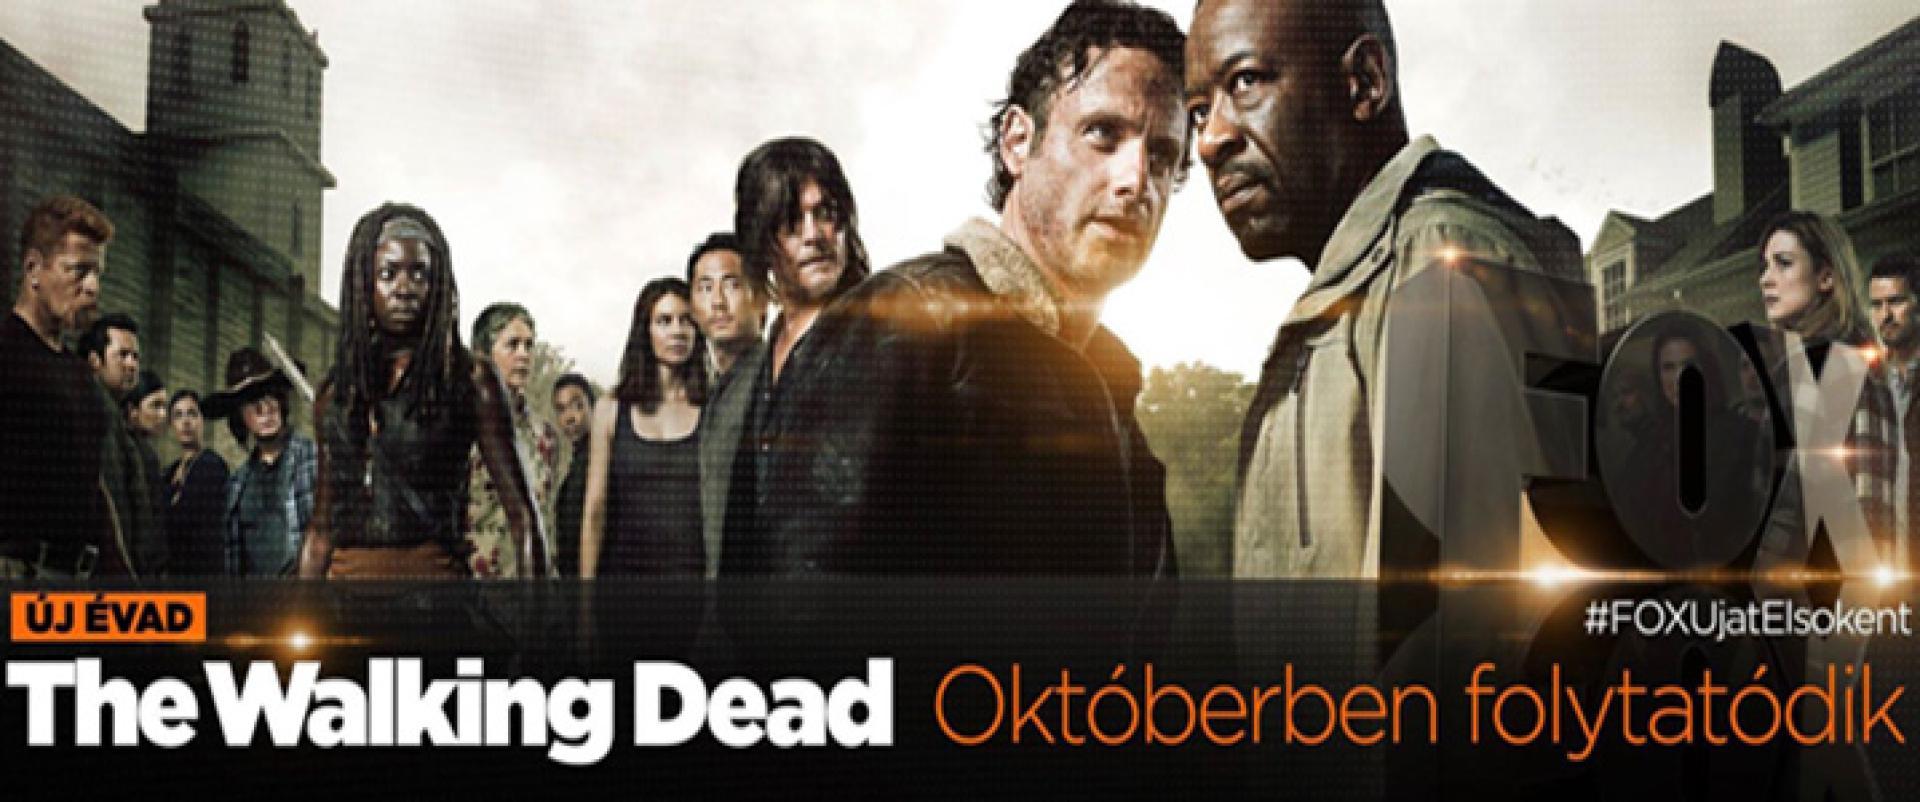 The Walking Dead, 6. évad: így készülnek a szereplők!